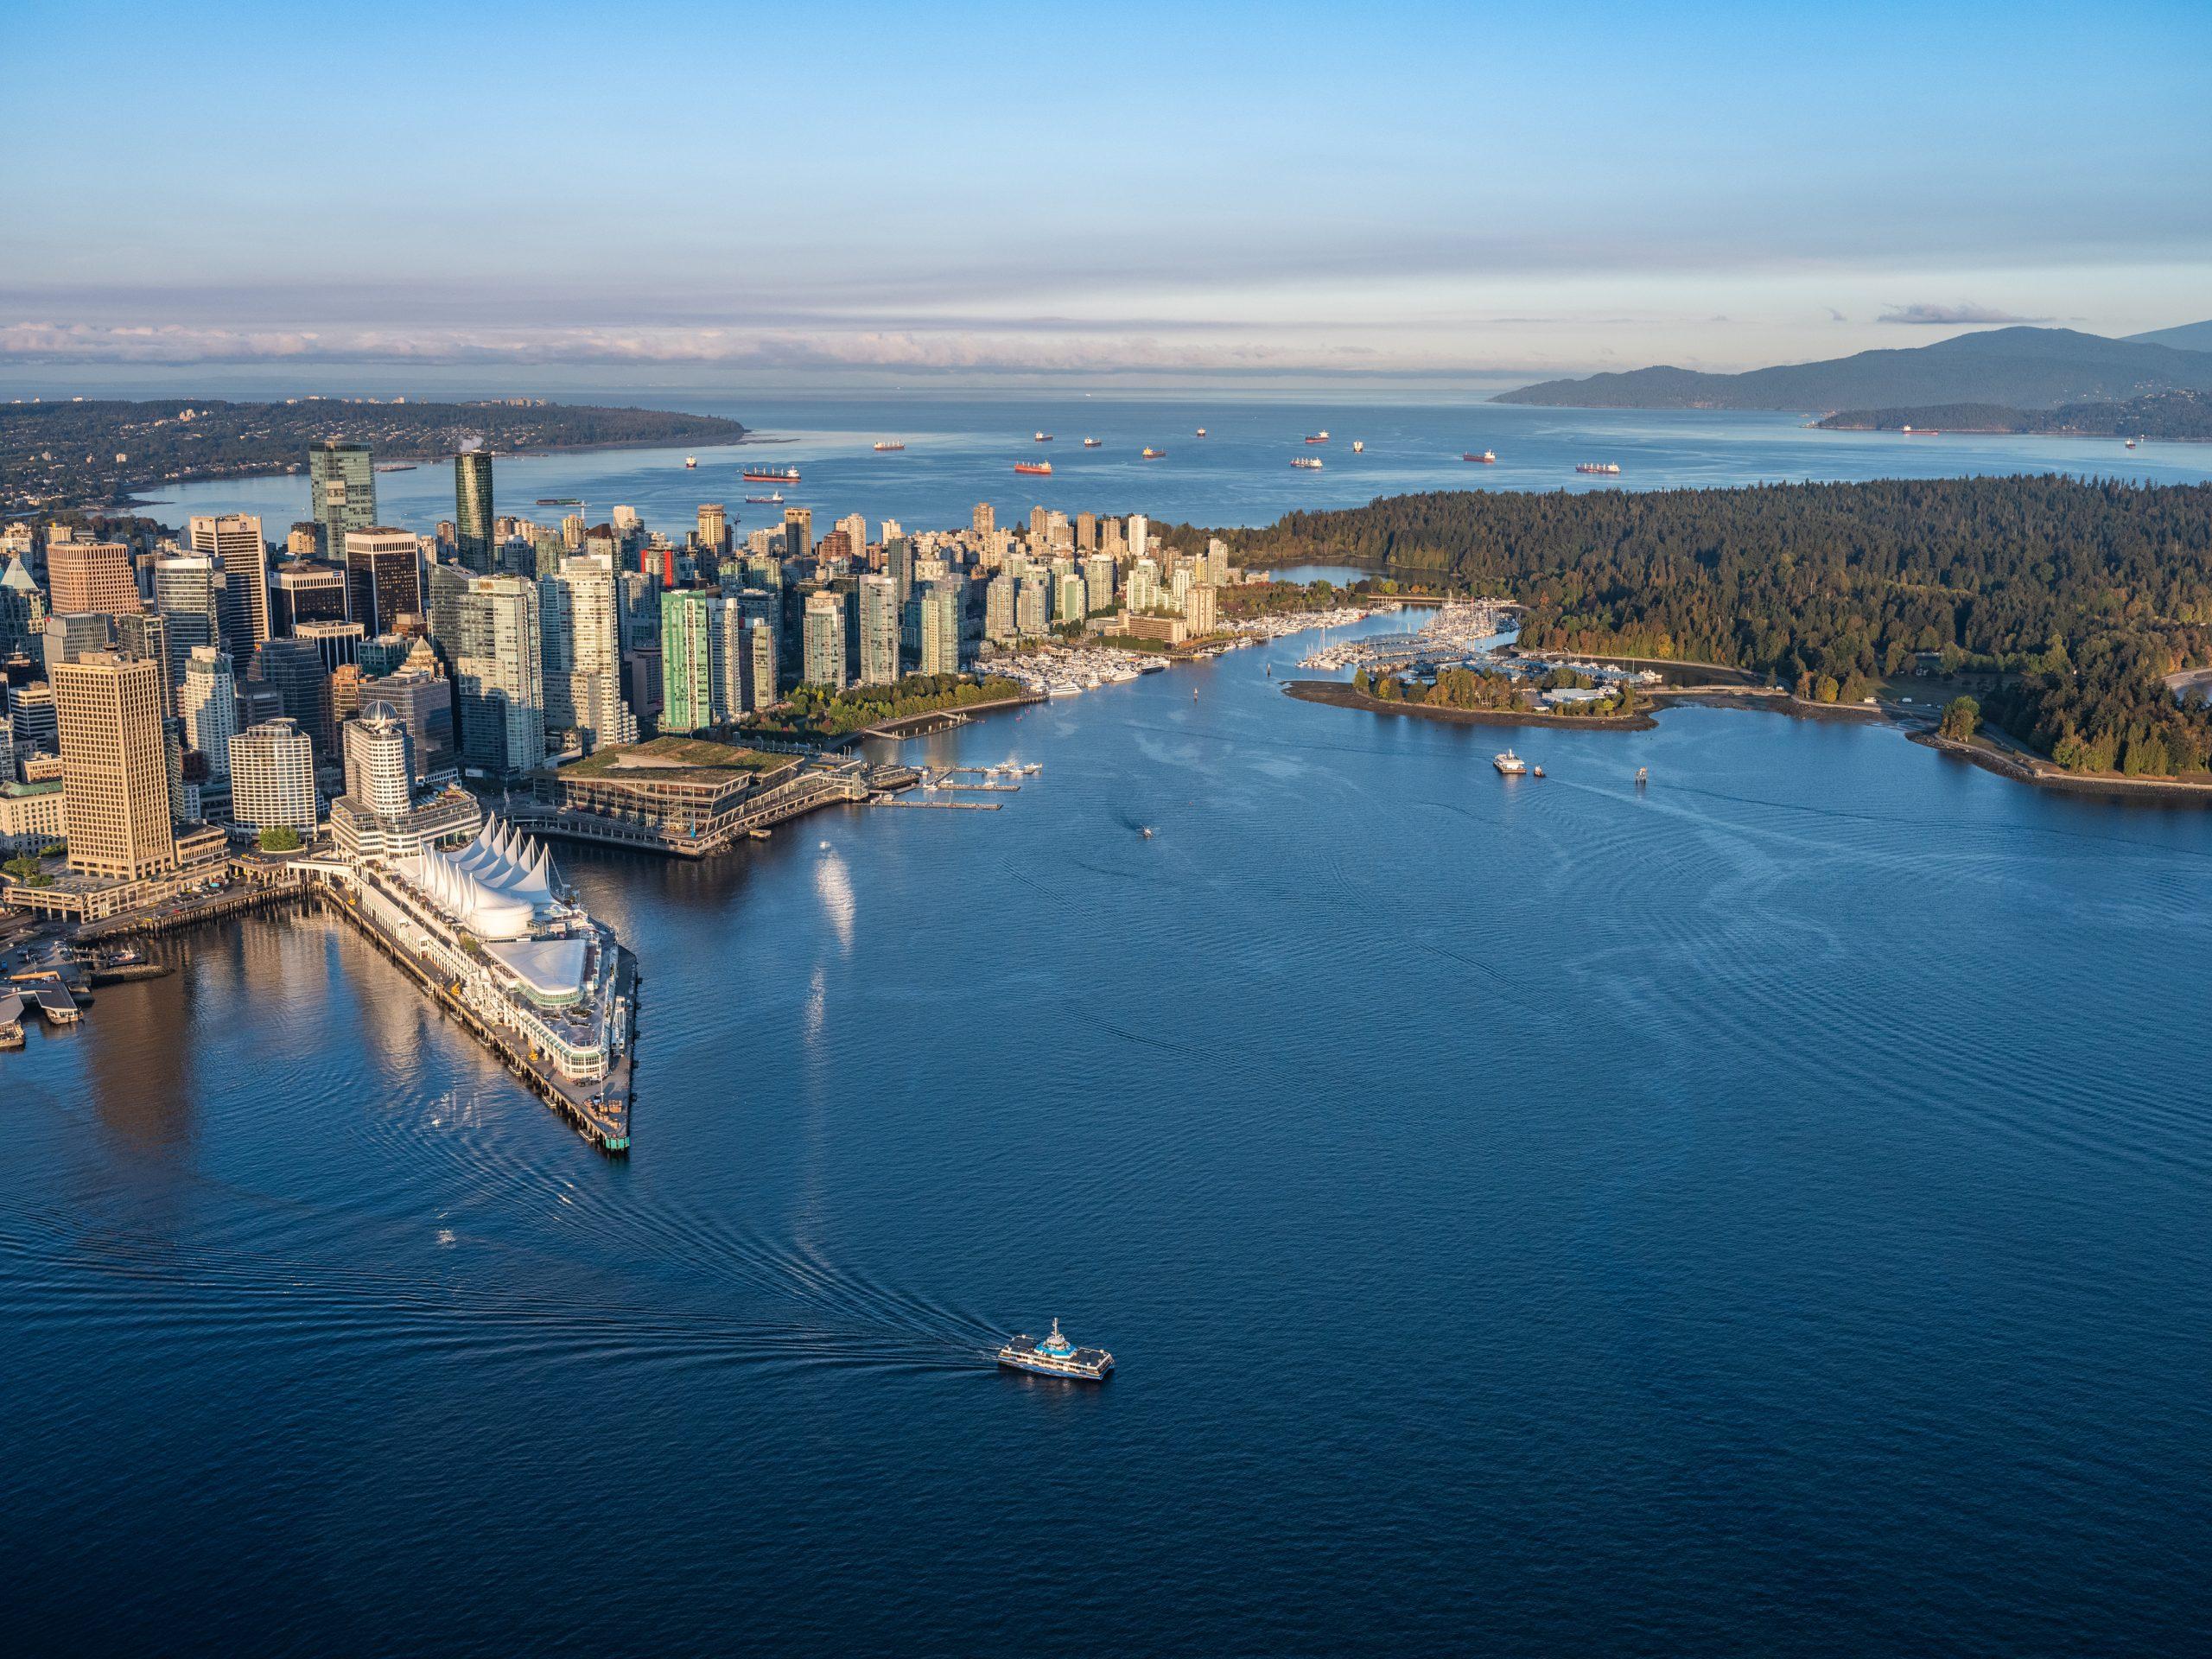 Seabus-Fähre unterwegs nach North Vancouver